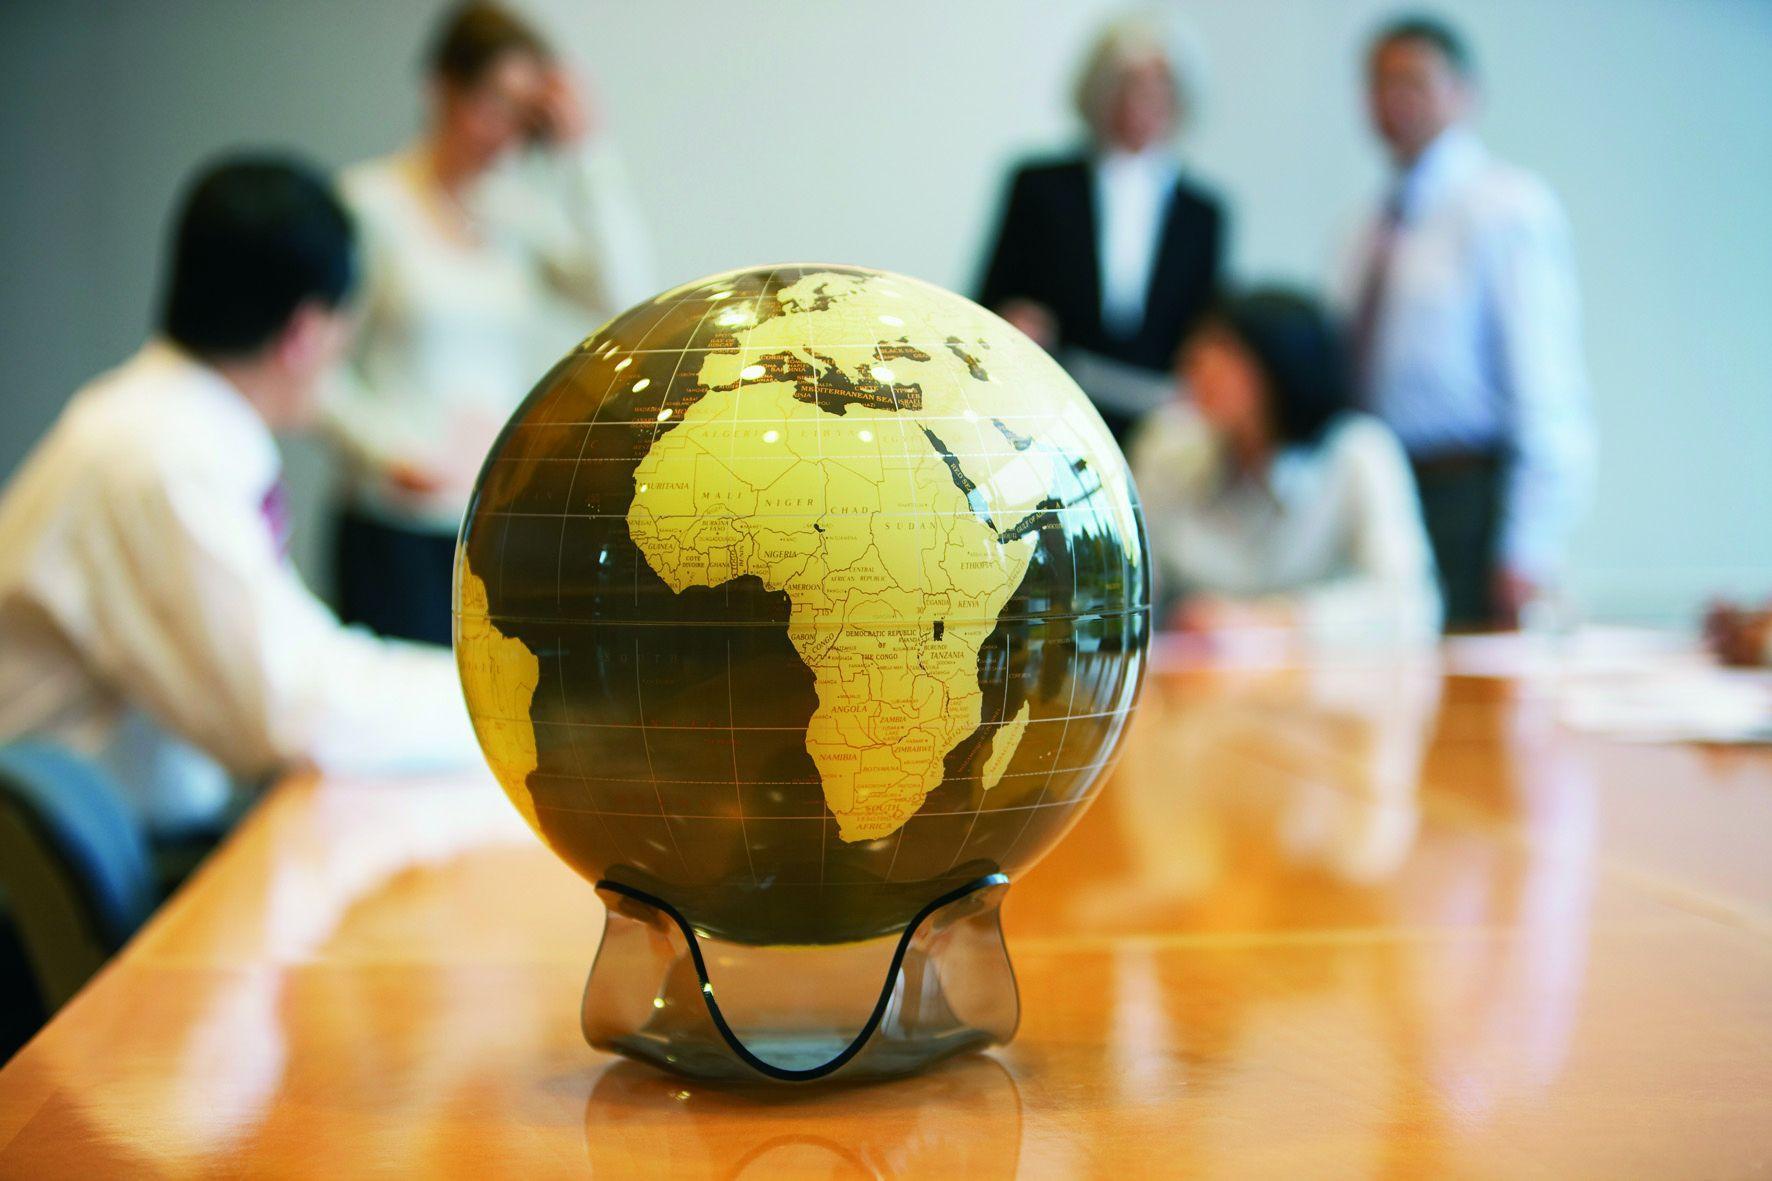 Последний переводчик потеряет работу в 2027 году: